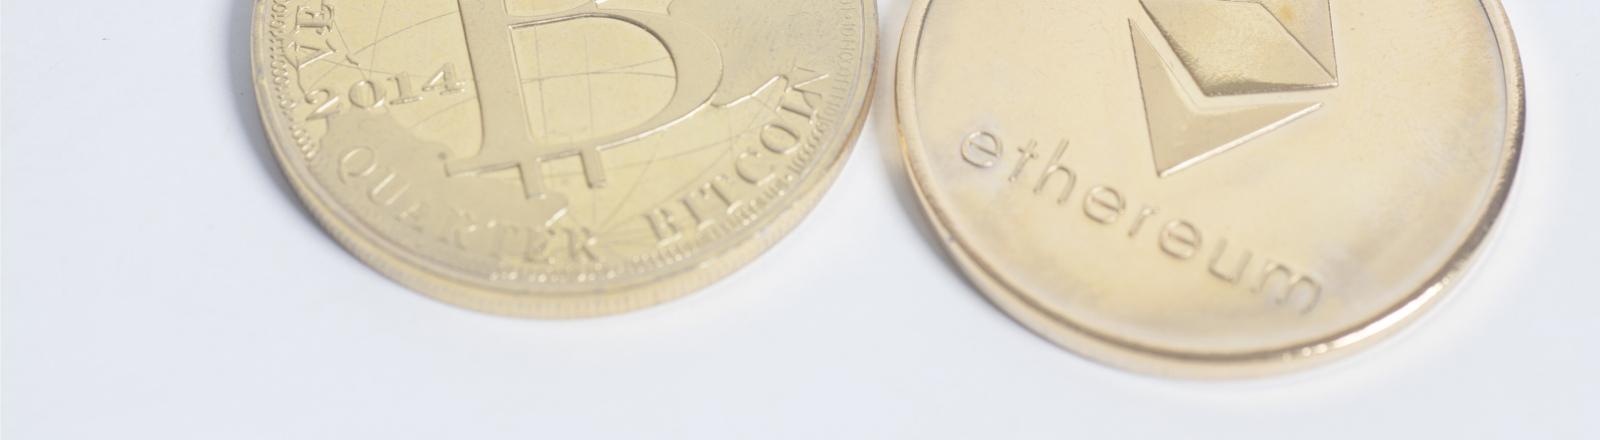 Münzen, die verschiedene Cryptowährungen repräsentieren sollen